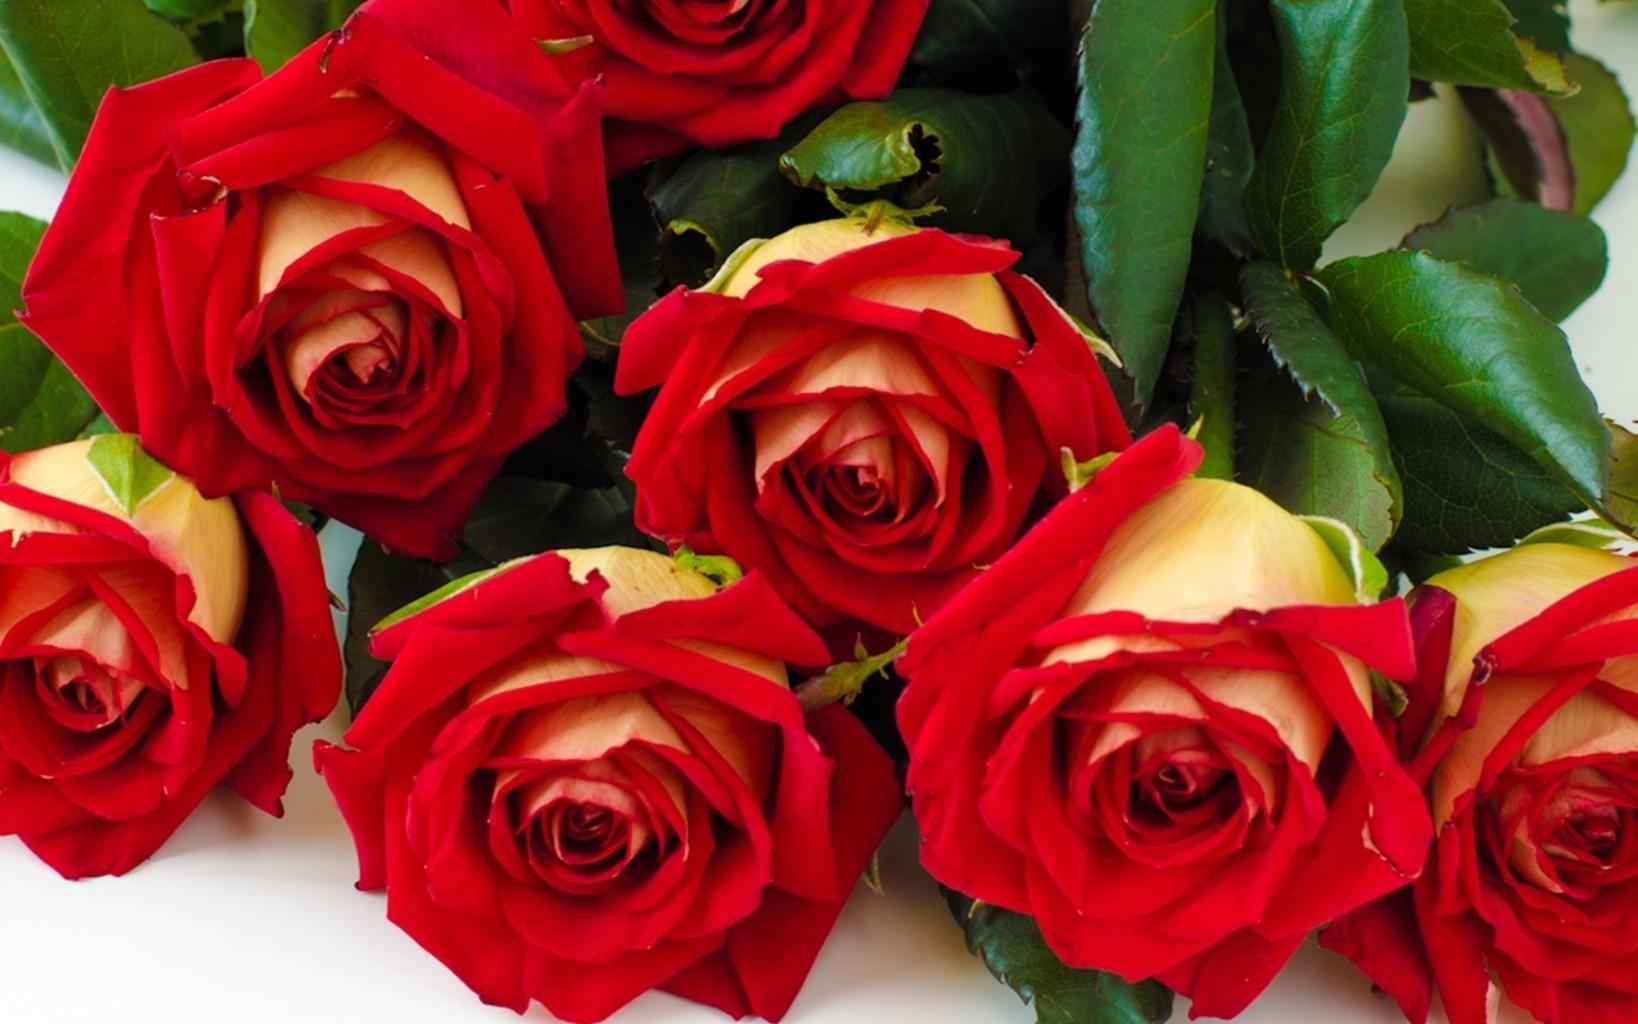 Hoa hồng đỏ thể hiện tình yêu nồng cháy dành tặng cho vợ hoặc bạn gái